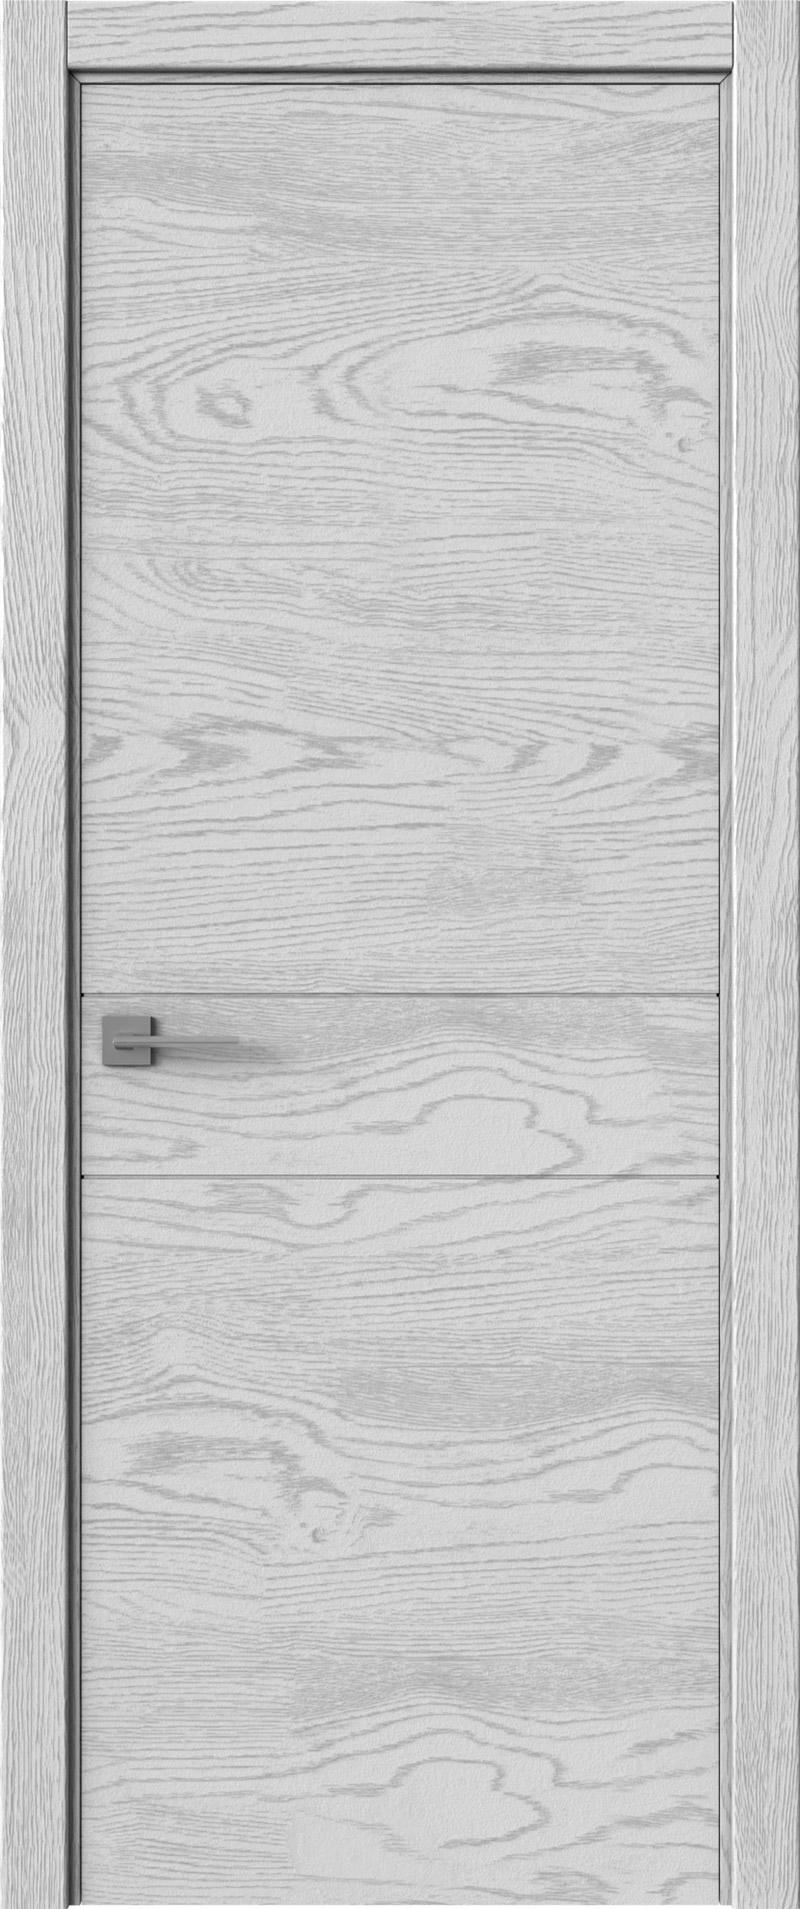 Tivoli И-2 цвет - Белый ясень (nano-flex) Без стекла (ДГ)